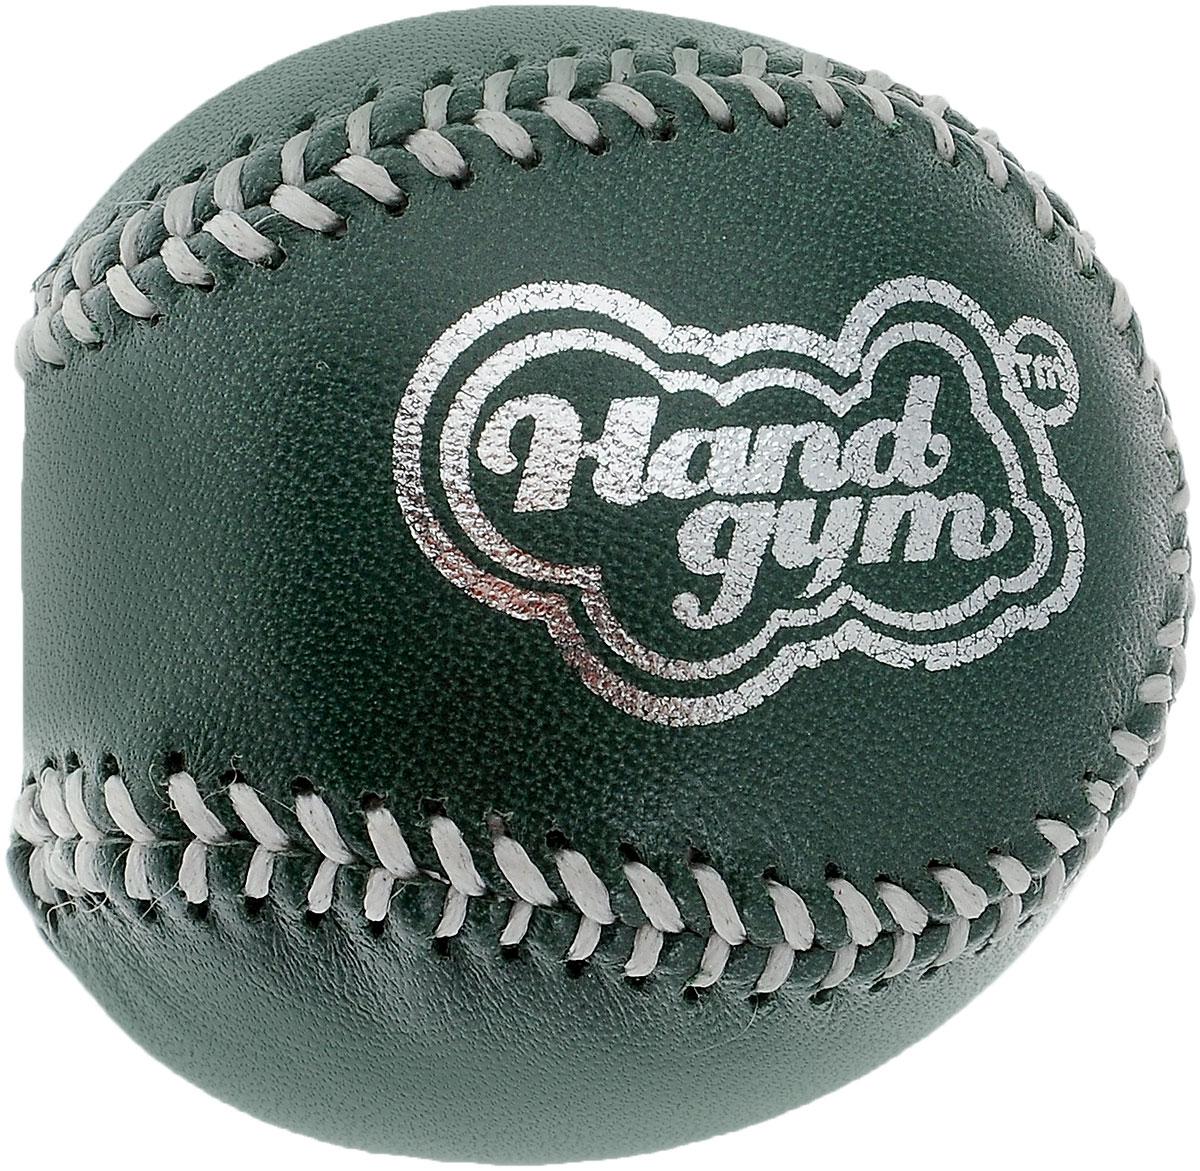 Эспандер кистевой HandGum  HandGym , цвет: зеленый, диаметр 5 см - Мини-тренажеры